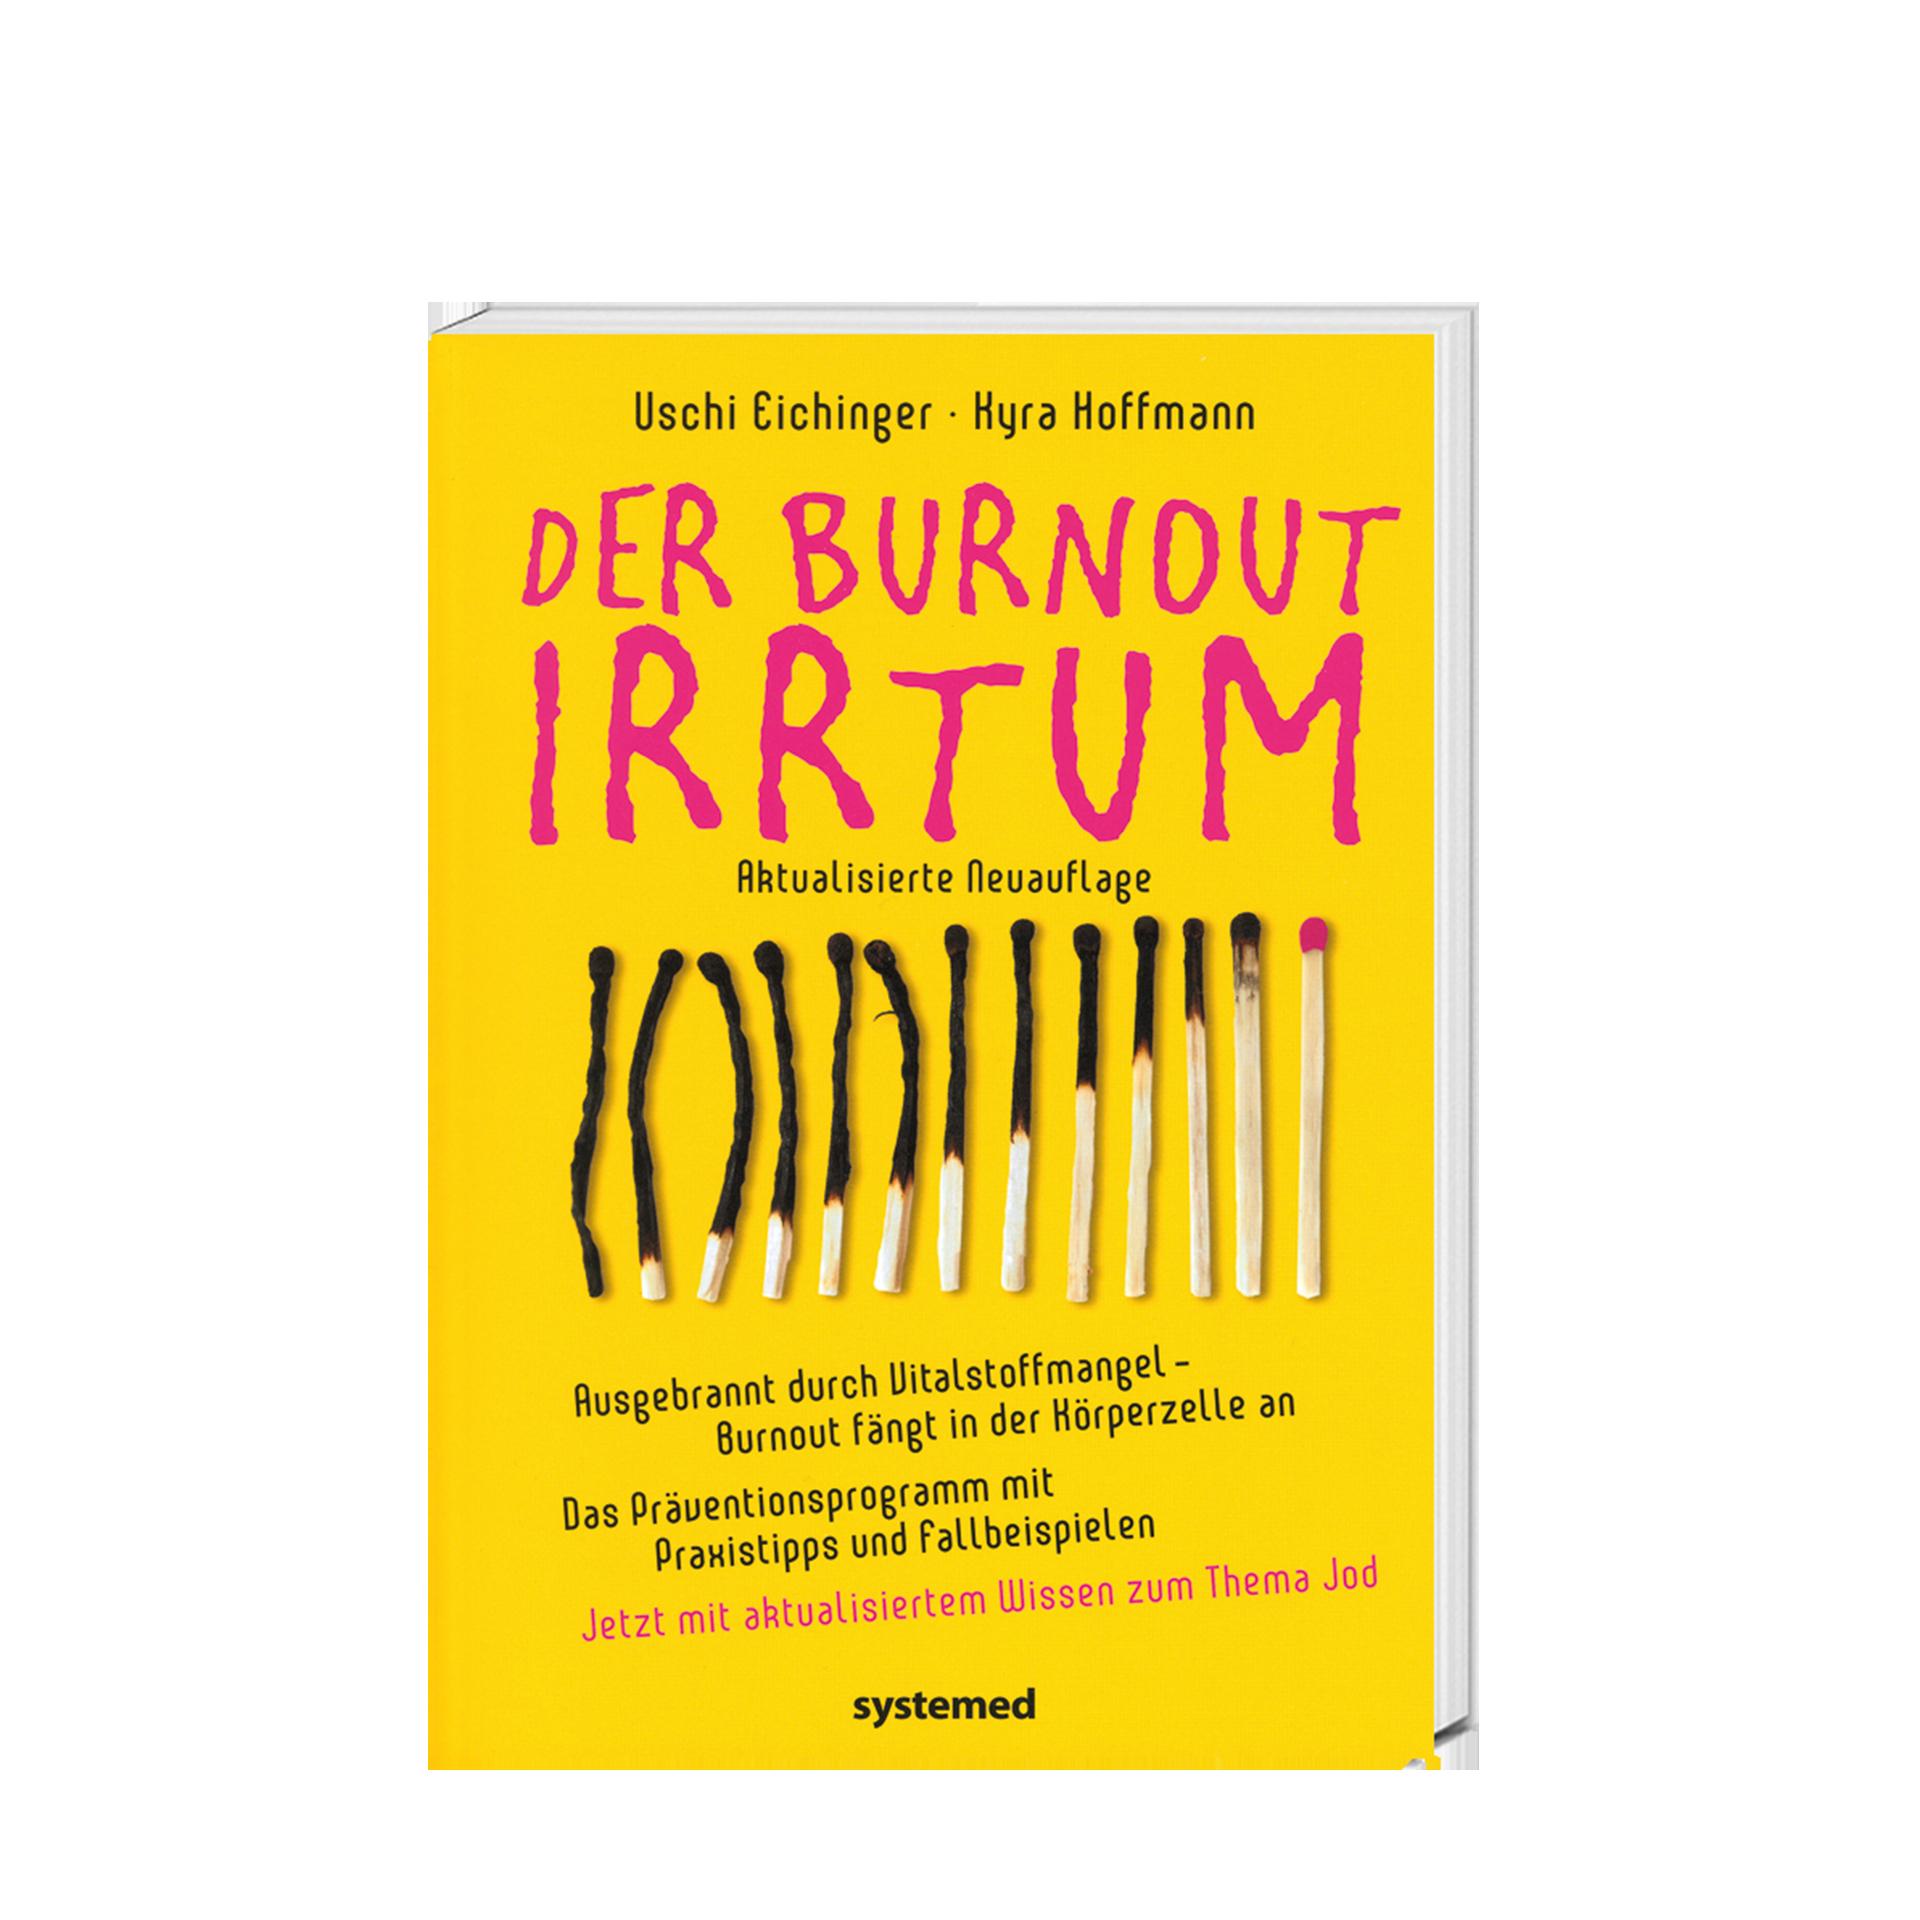 Der Burnout Irrtum, 160 Seiten